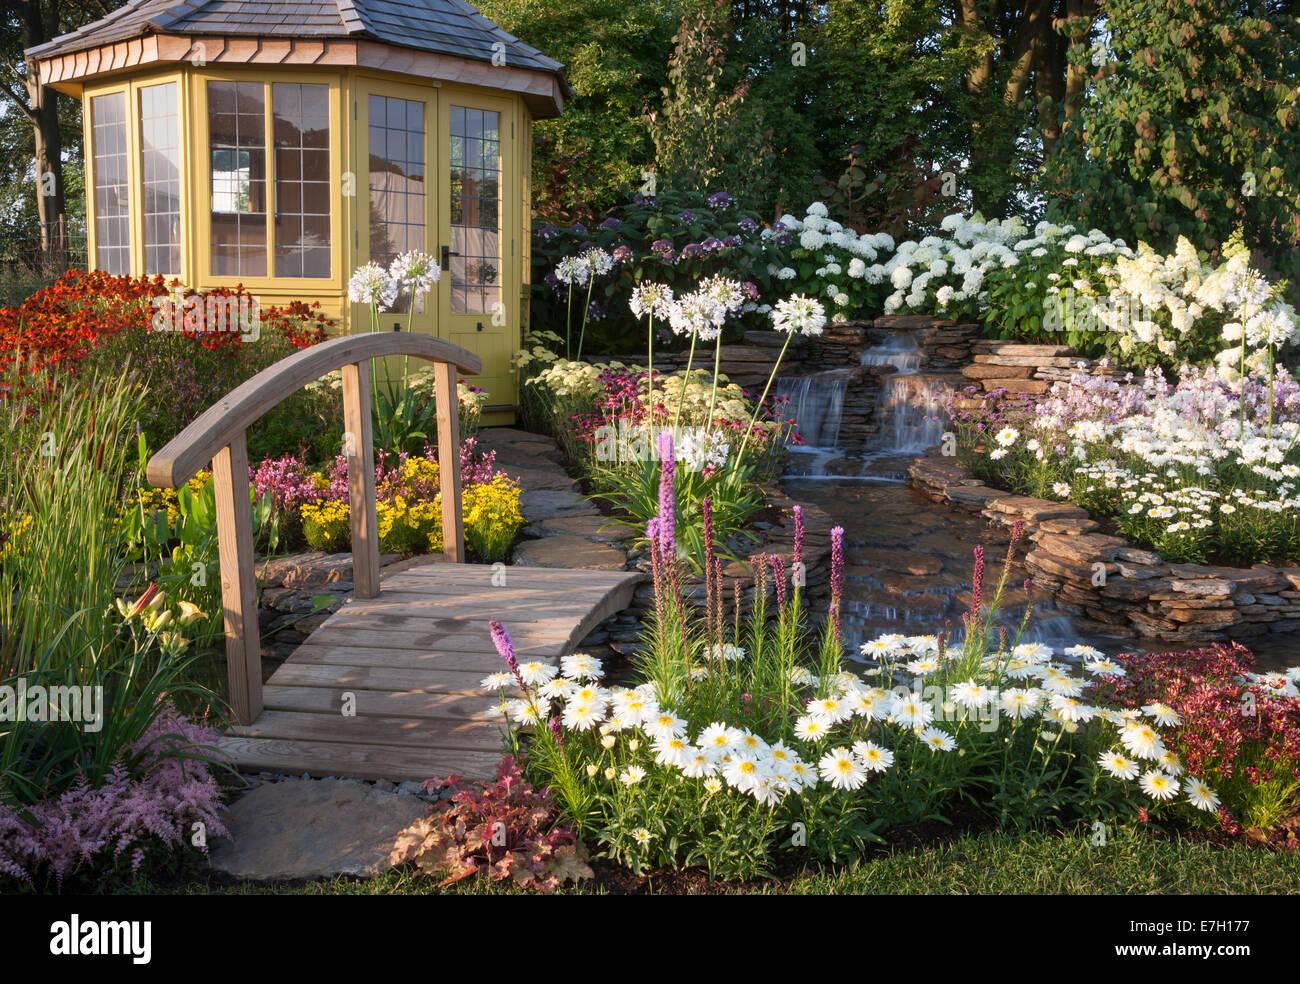 Garten Wasser Garten Laube Neben Wasserfall Wasserspiel Mit